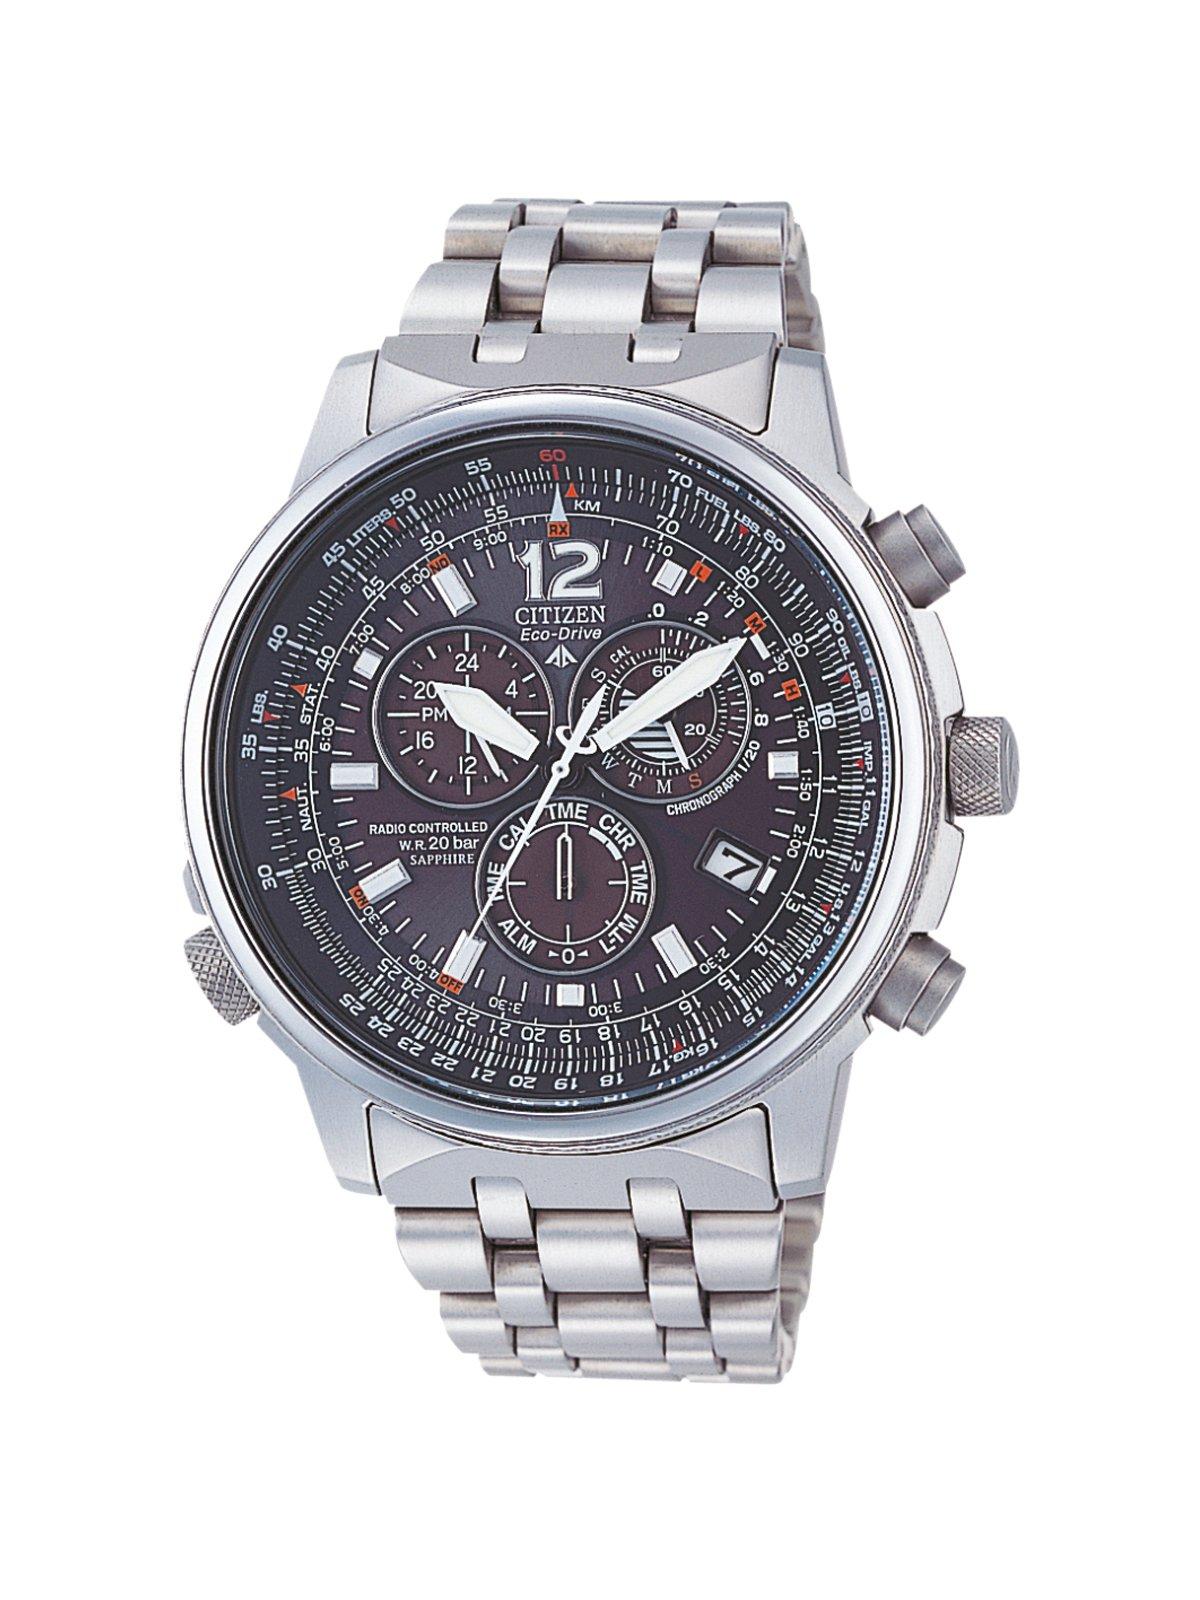 Citizen AS4050-51E - Reloj cronógrafo Ecodrive para hombre, correa de titanio color plateado 1